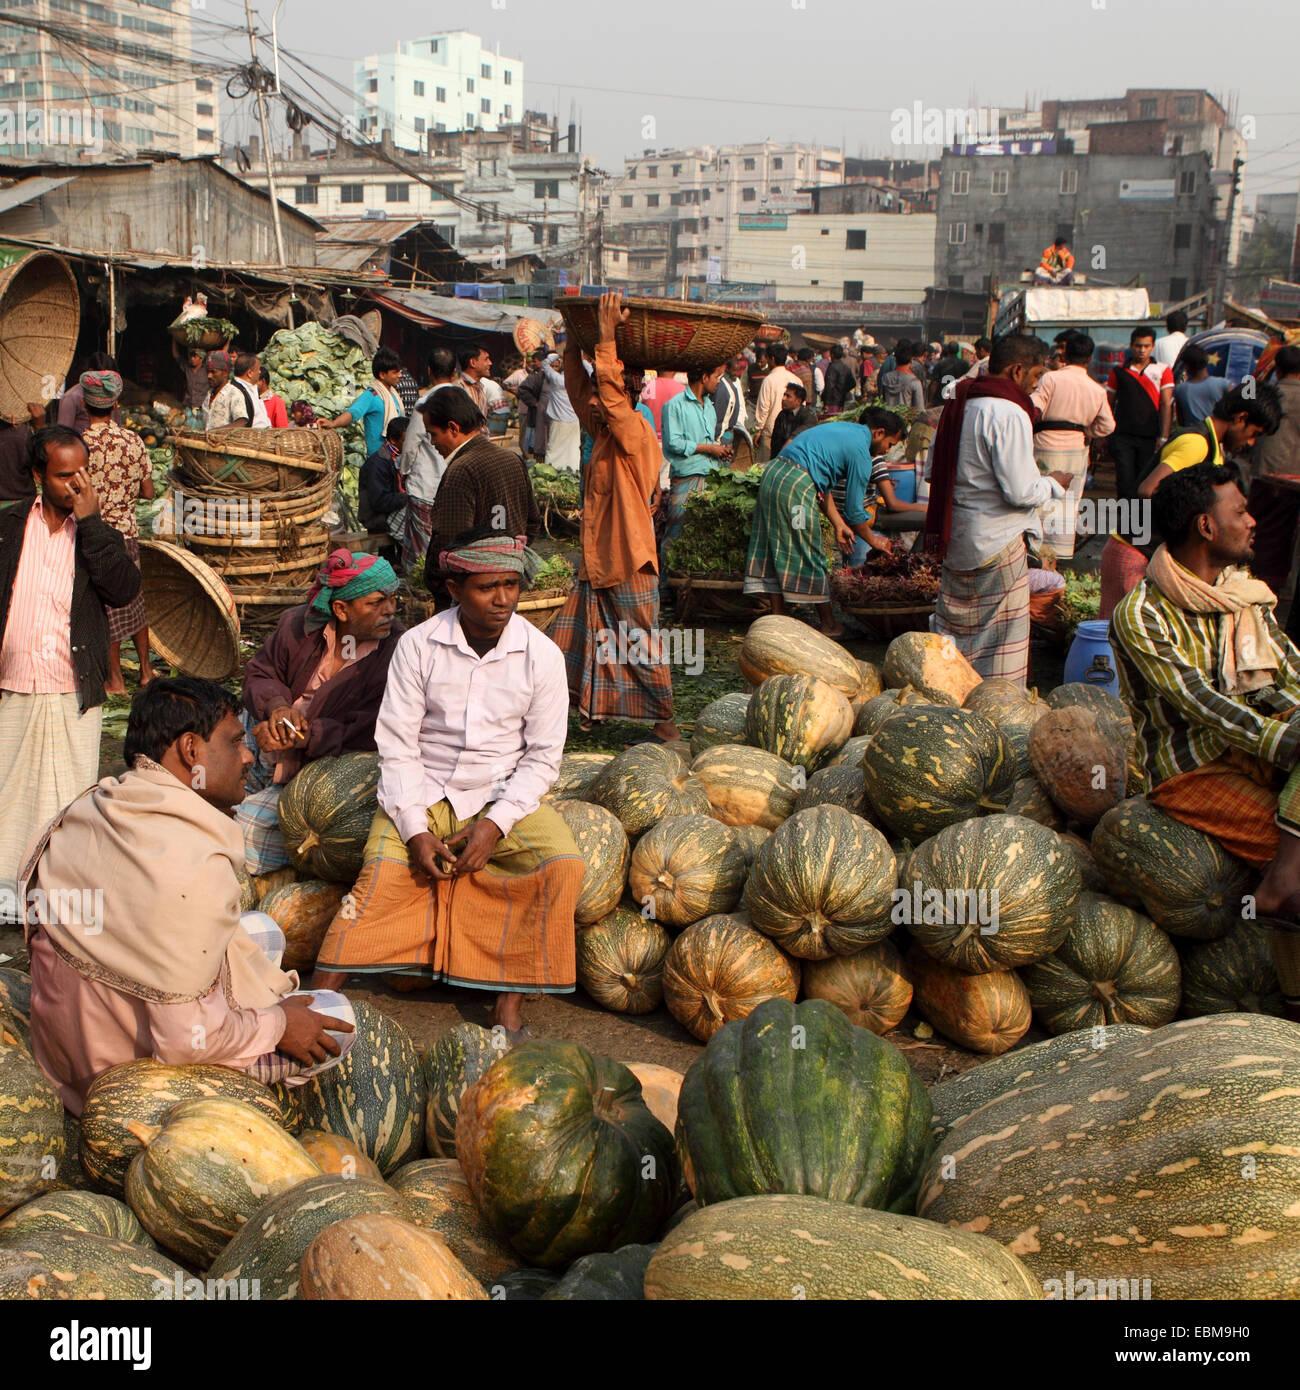 2011 Bangladesh share market scam